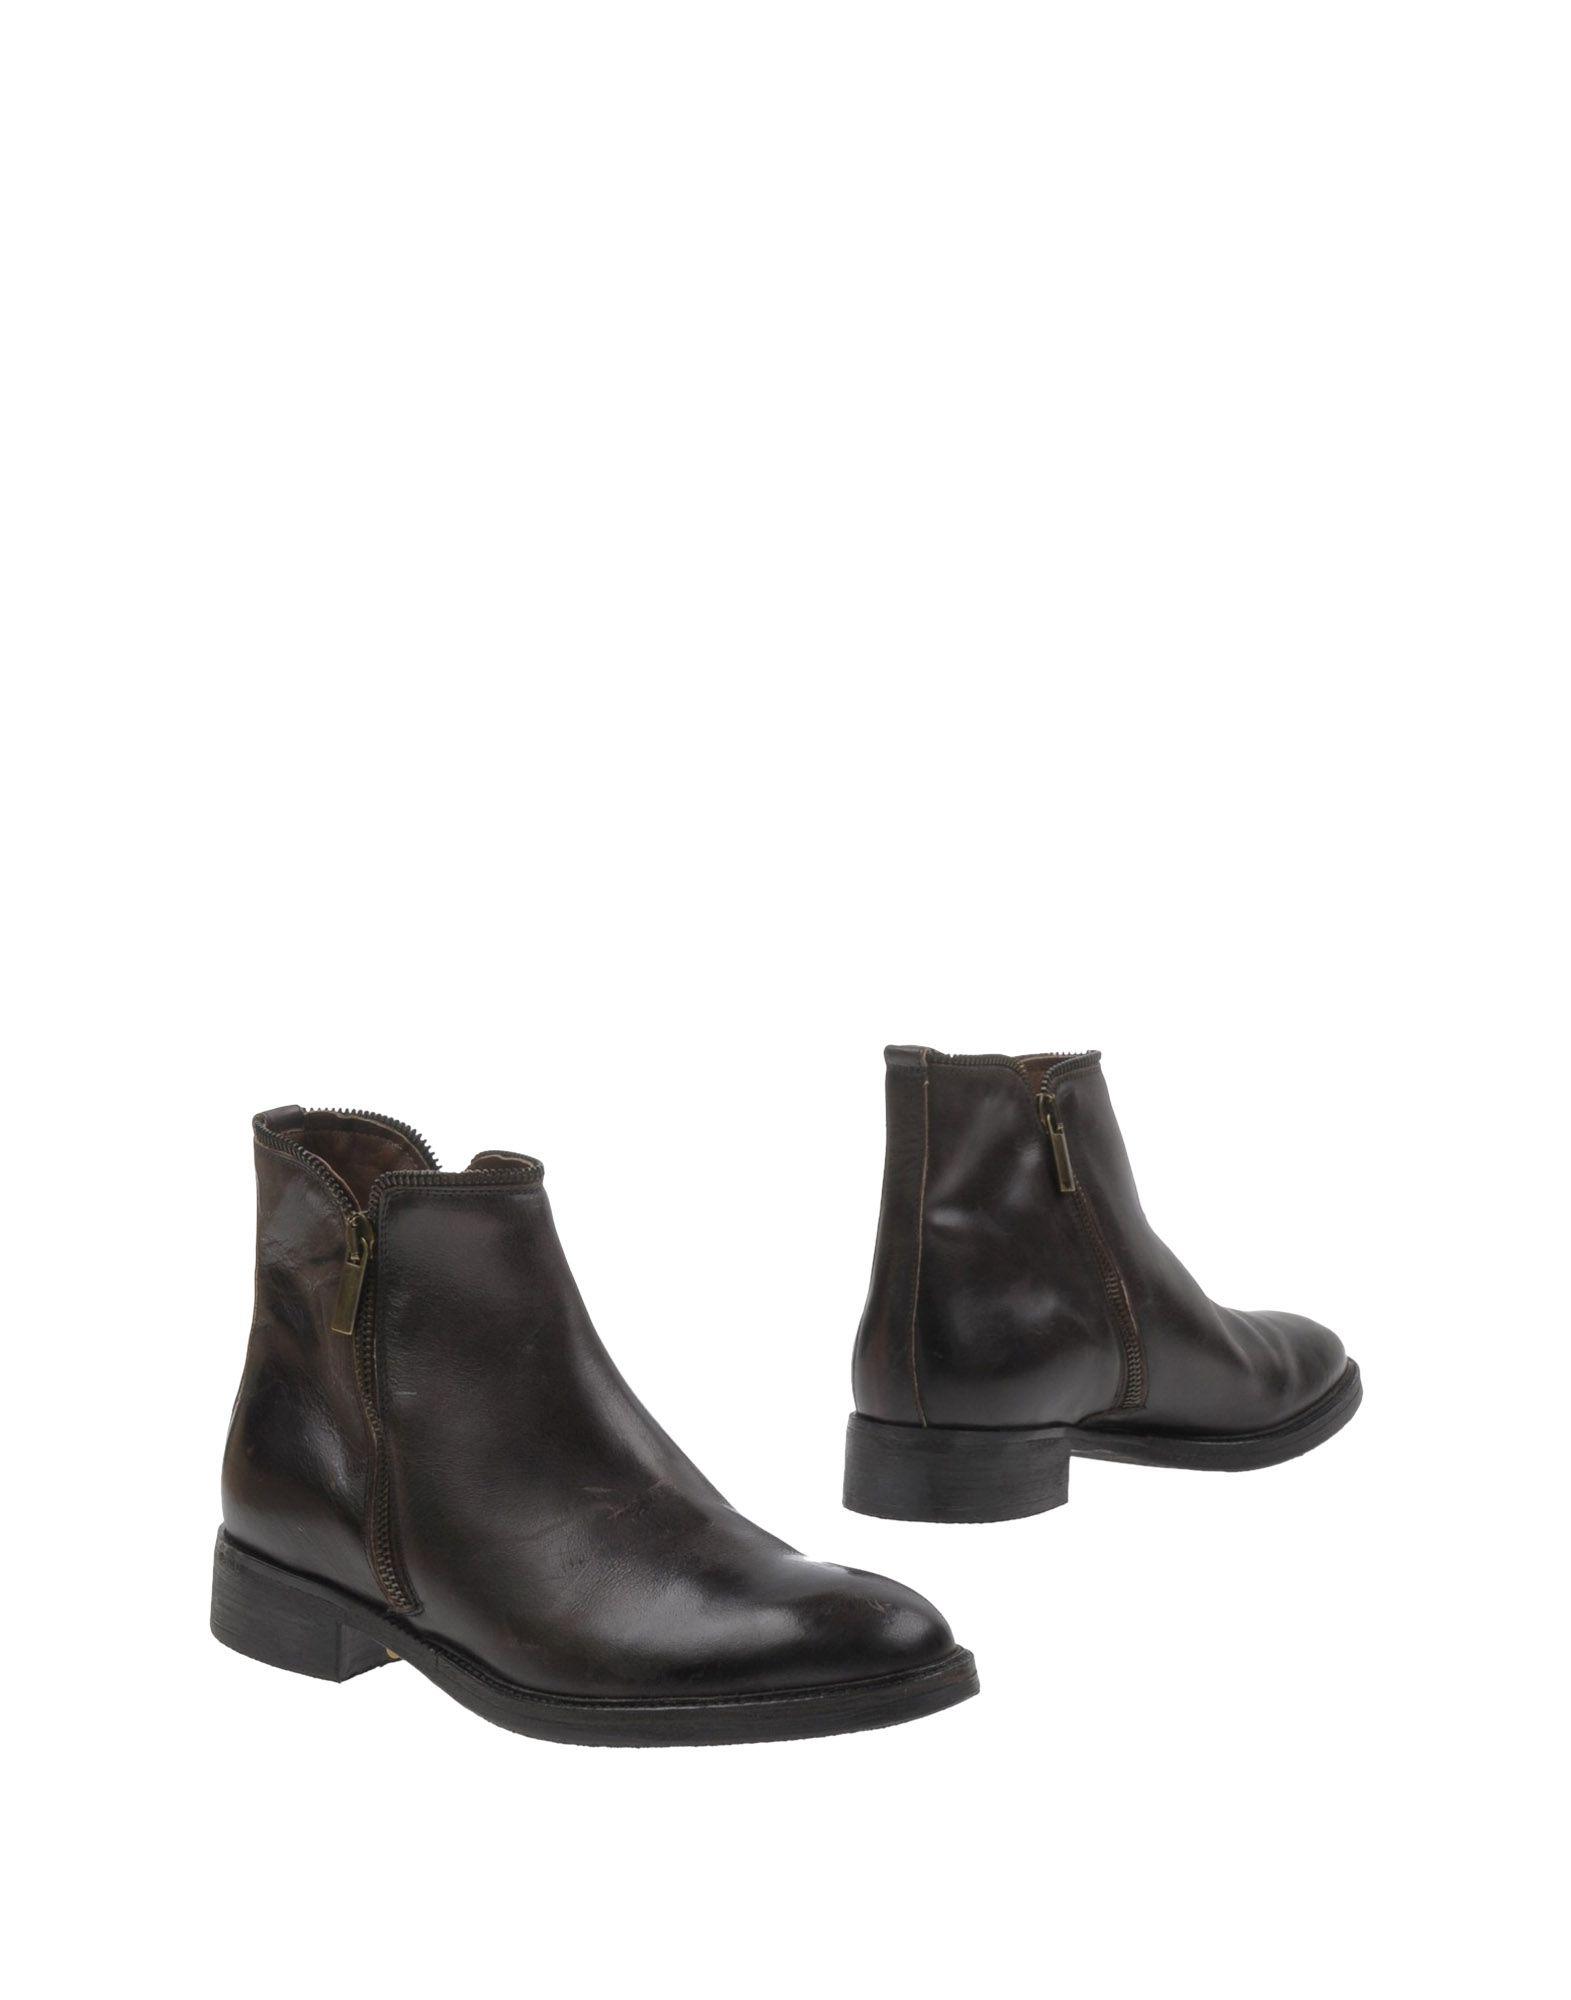 YOSH COLLECTION Полусапоги и высокие ботинки цены онлайн